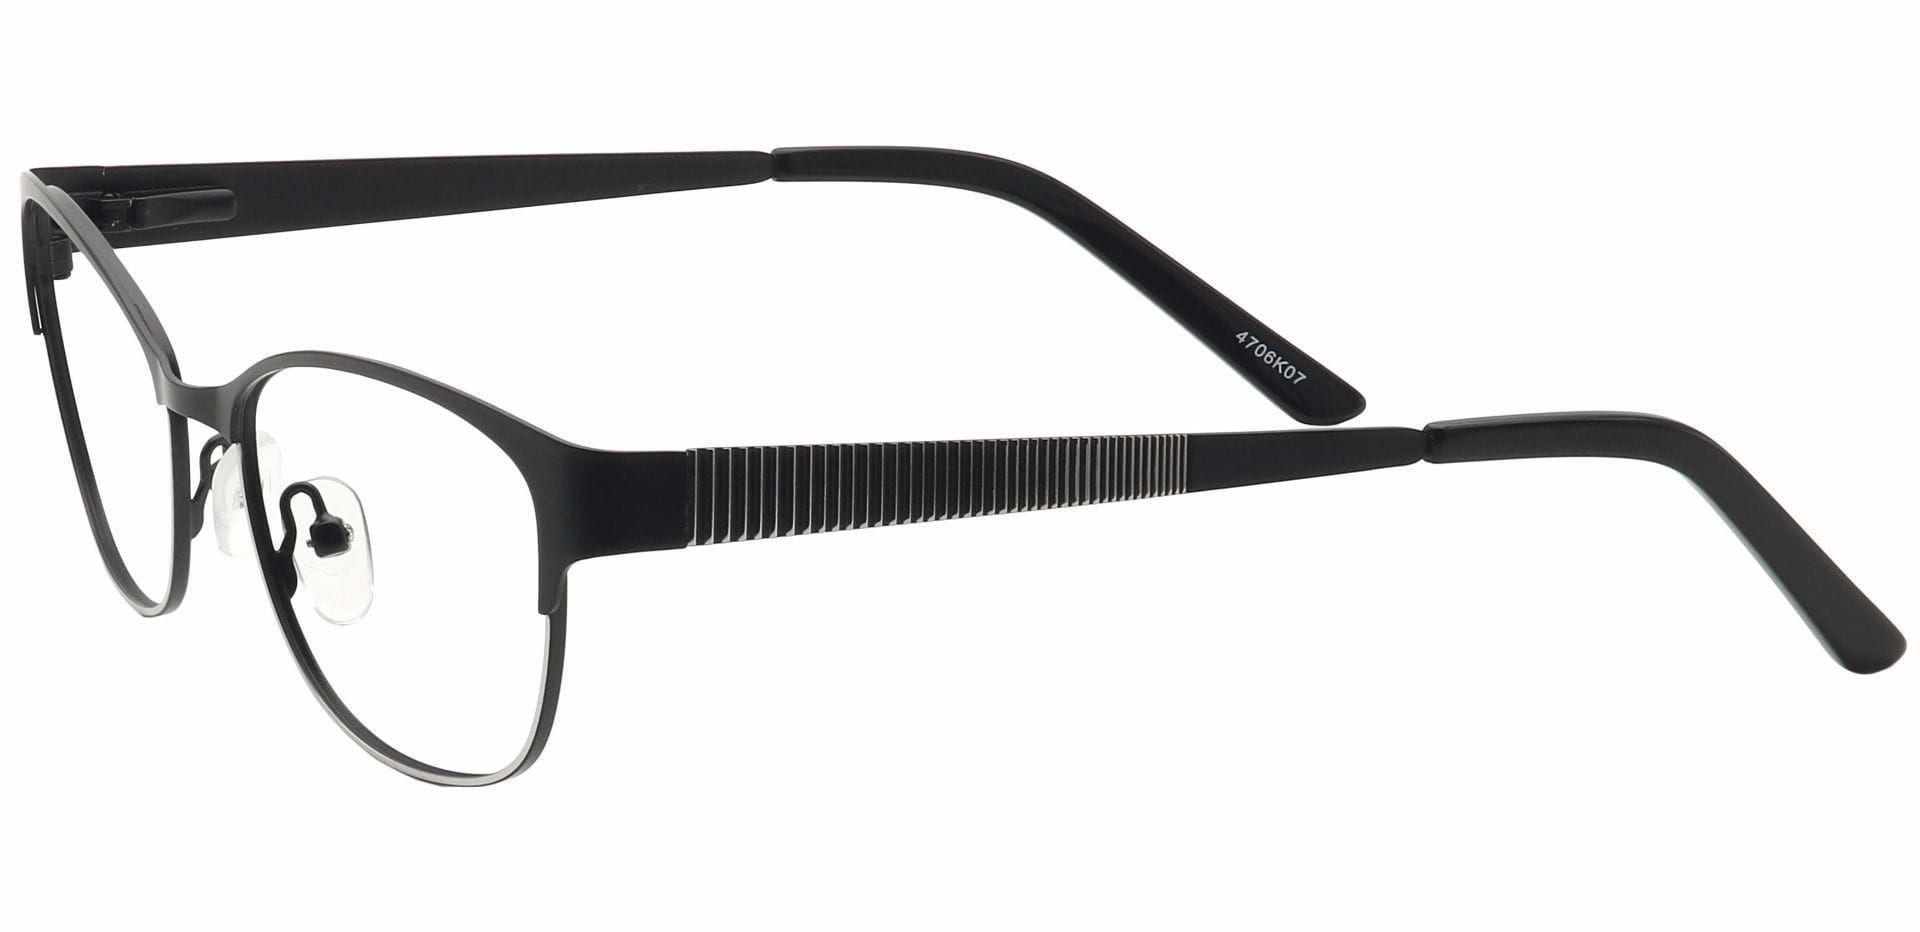 Verena Oval Prescription Glasses - Black